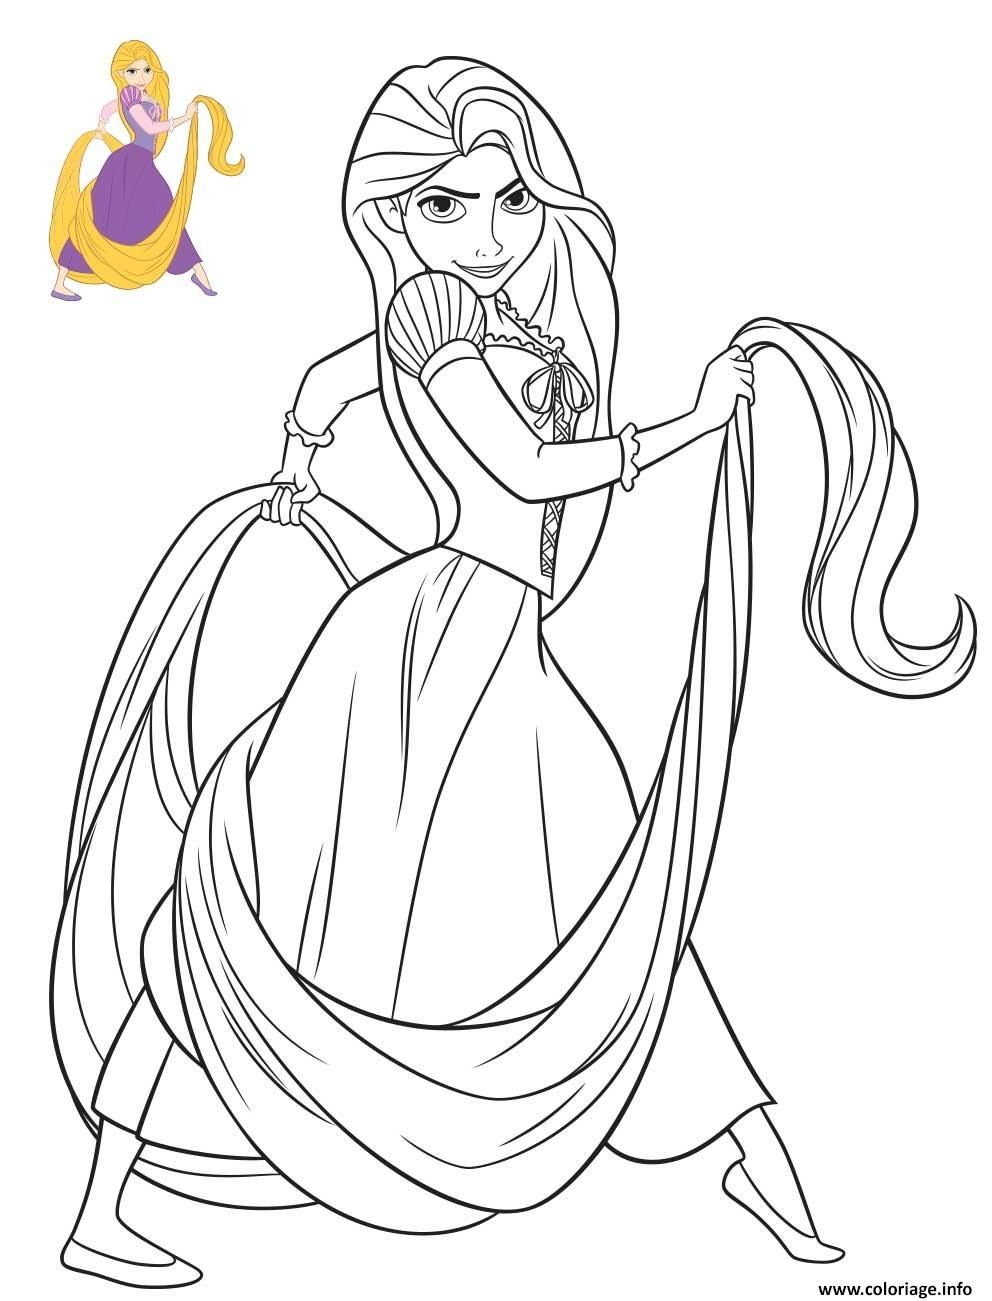 Coloriage Princesse Disney Raiponce  Bilder zum ausmalen